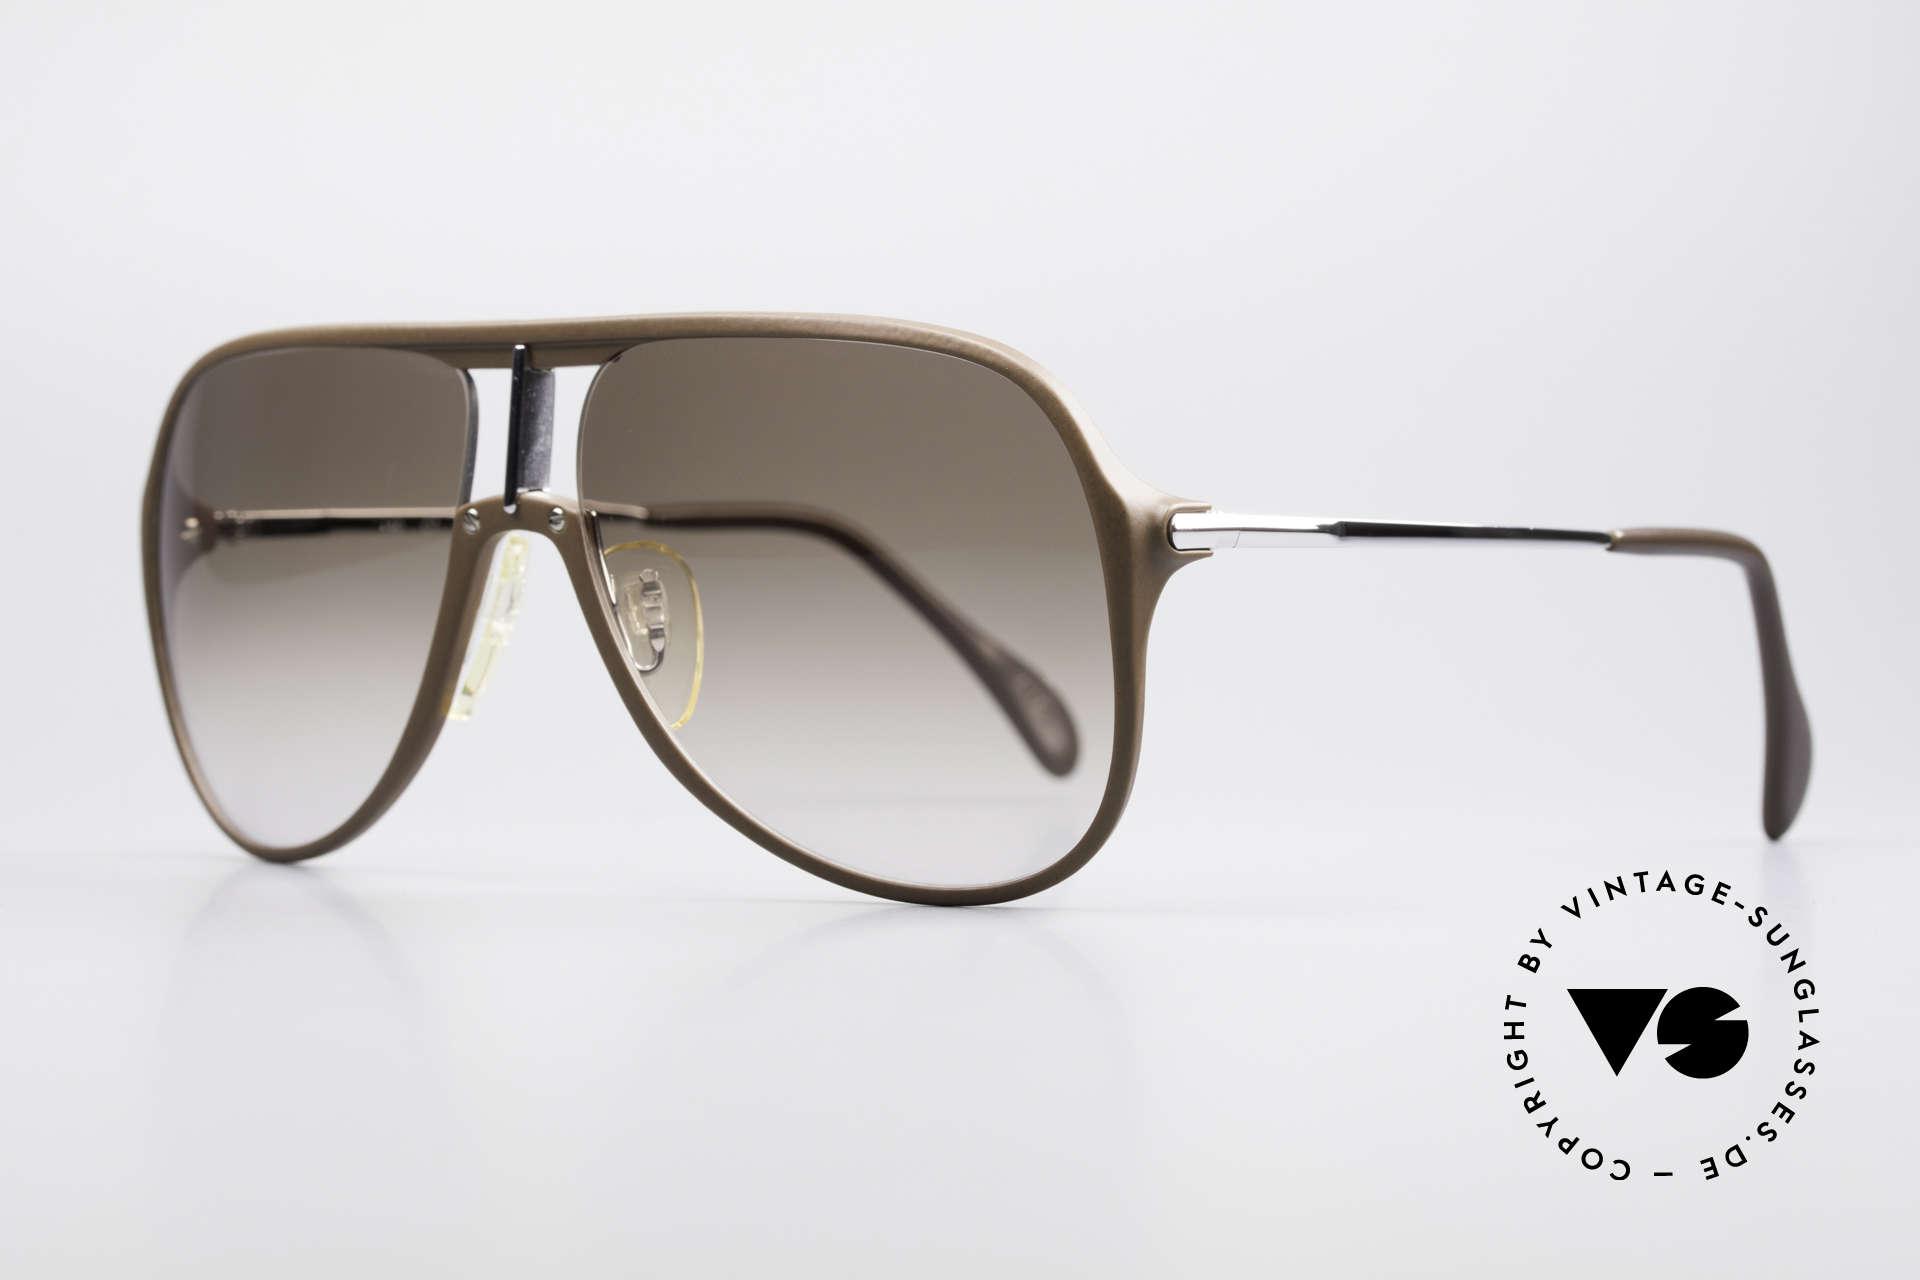 Menrad 727 80er Sonnenbrille Herren, entsprechend hohe Qualität & Passform (einfach top), Passend für Herren